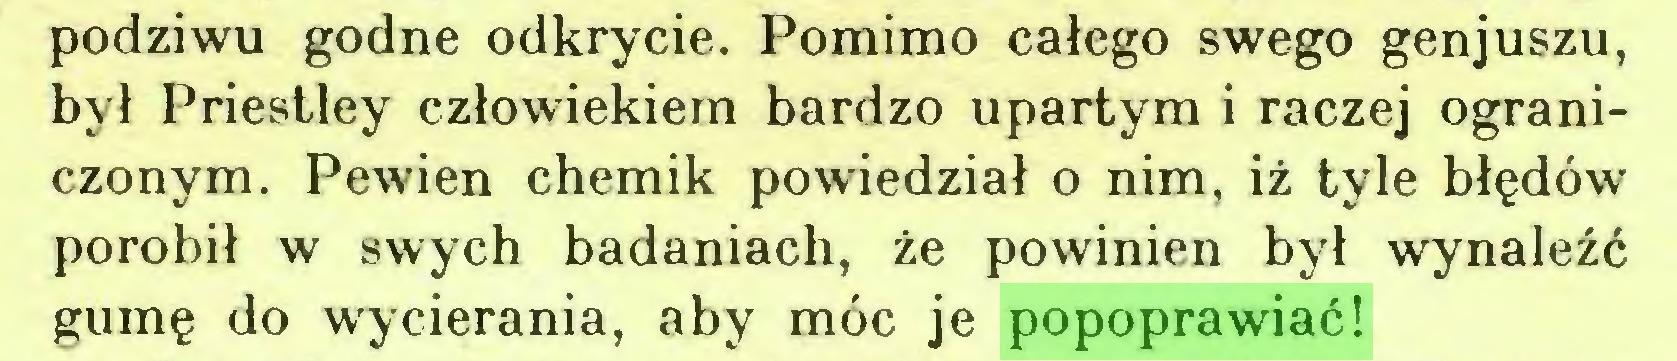 (...) podziwu godne odkrycie. Pomimo całego swego genjuszu, był Priestley człowiekiem bardzo upartym i raczej ograniczonym. Pewien chemik powiedział o nim, iż tyle błędów porobił w swych badaniach, że powinien był wynaleźć gumę do wycierania, aby móc je popoprawiać!...